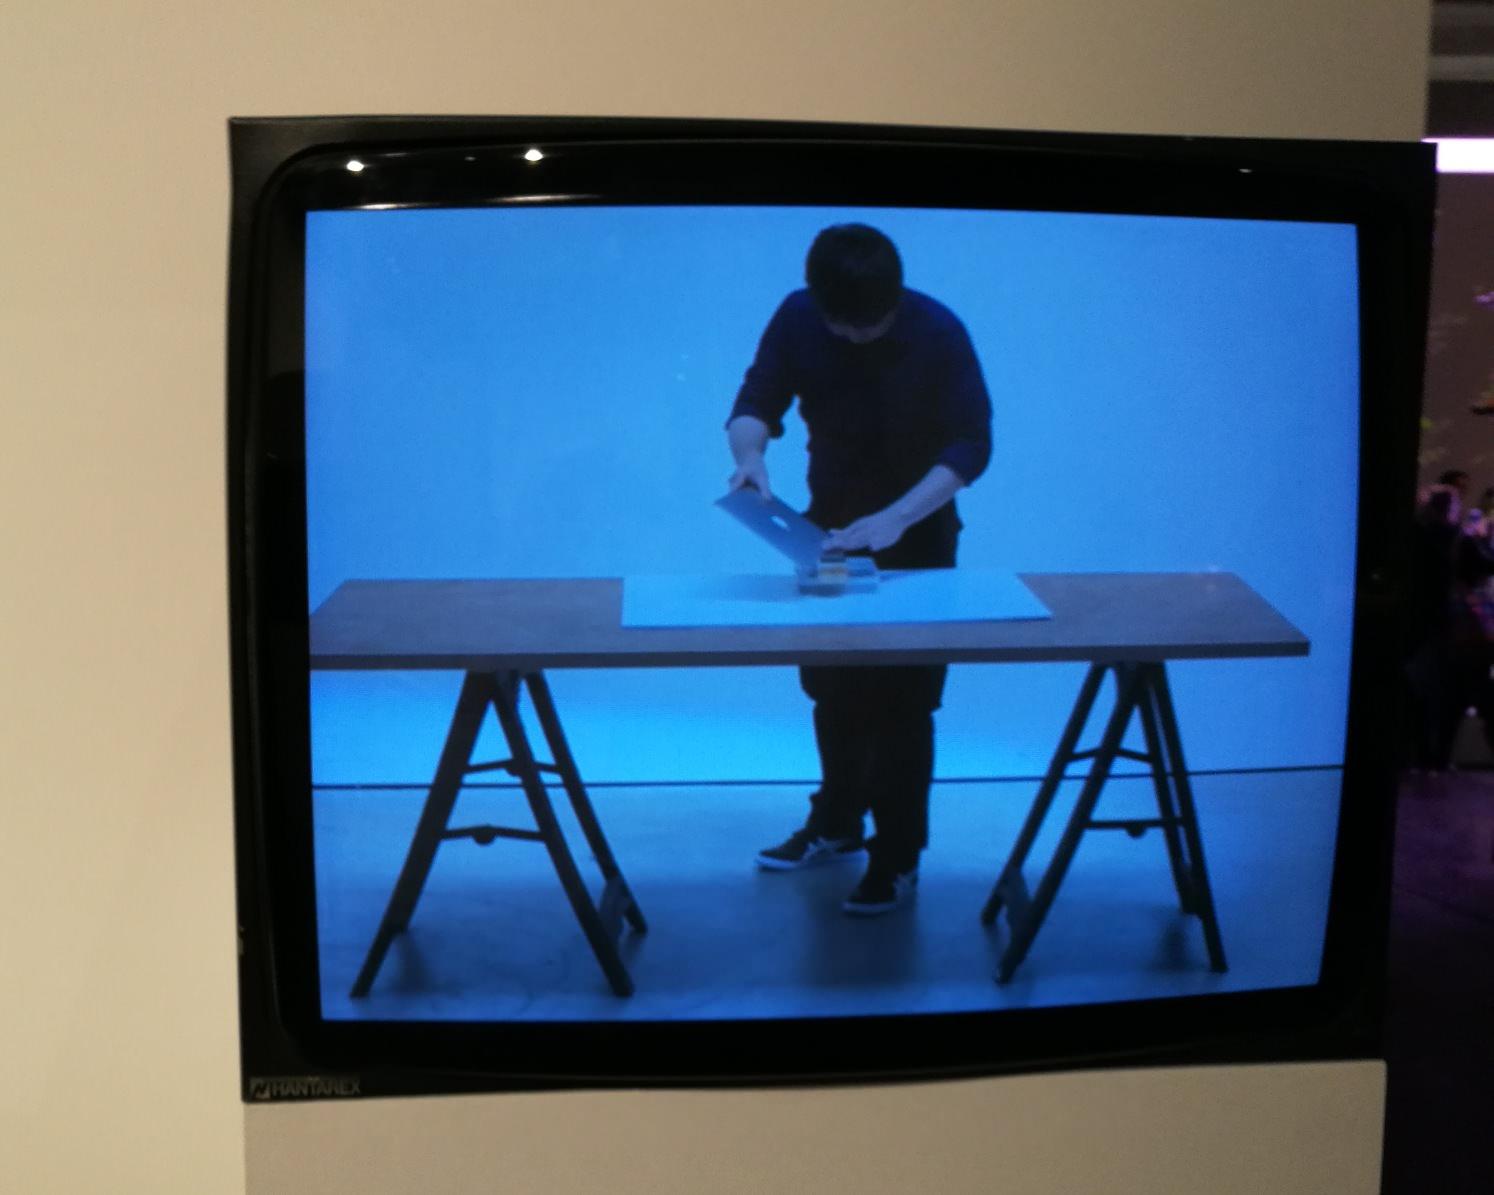 """Shimabuku, 'Sharpering a Macbook Air"""", la video installazione alla biennale di Venezia 2017, photo: artbooms"""